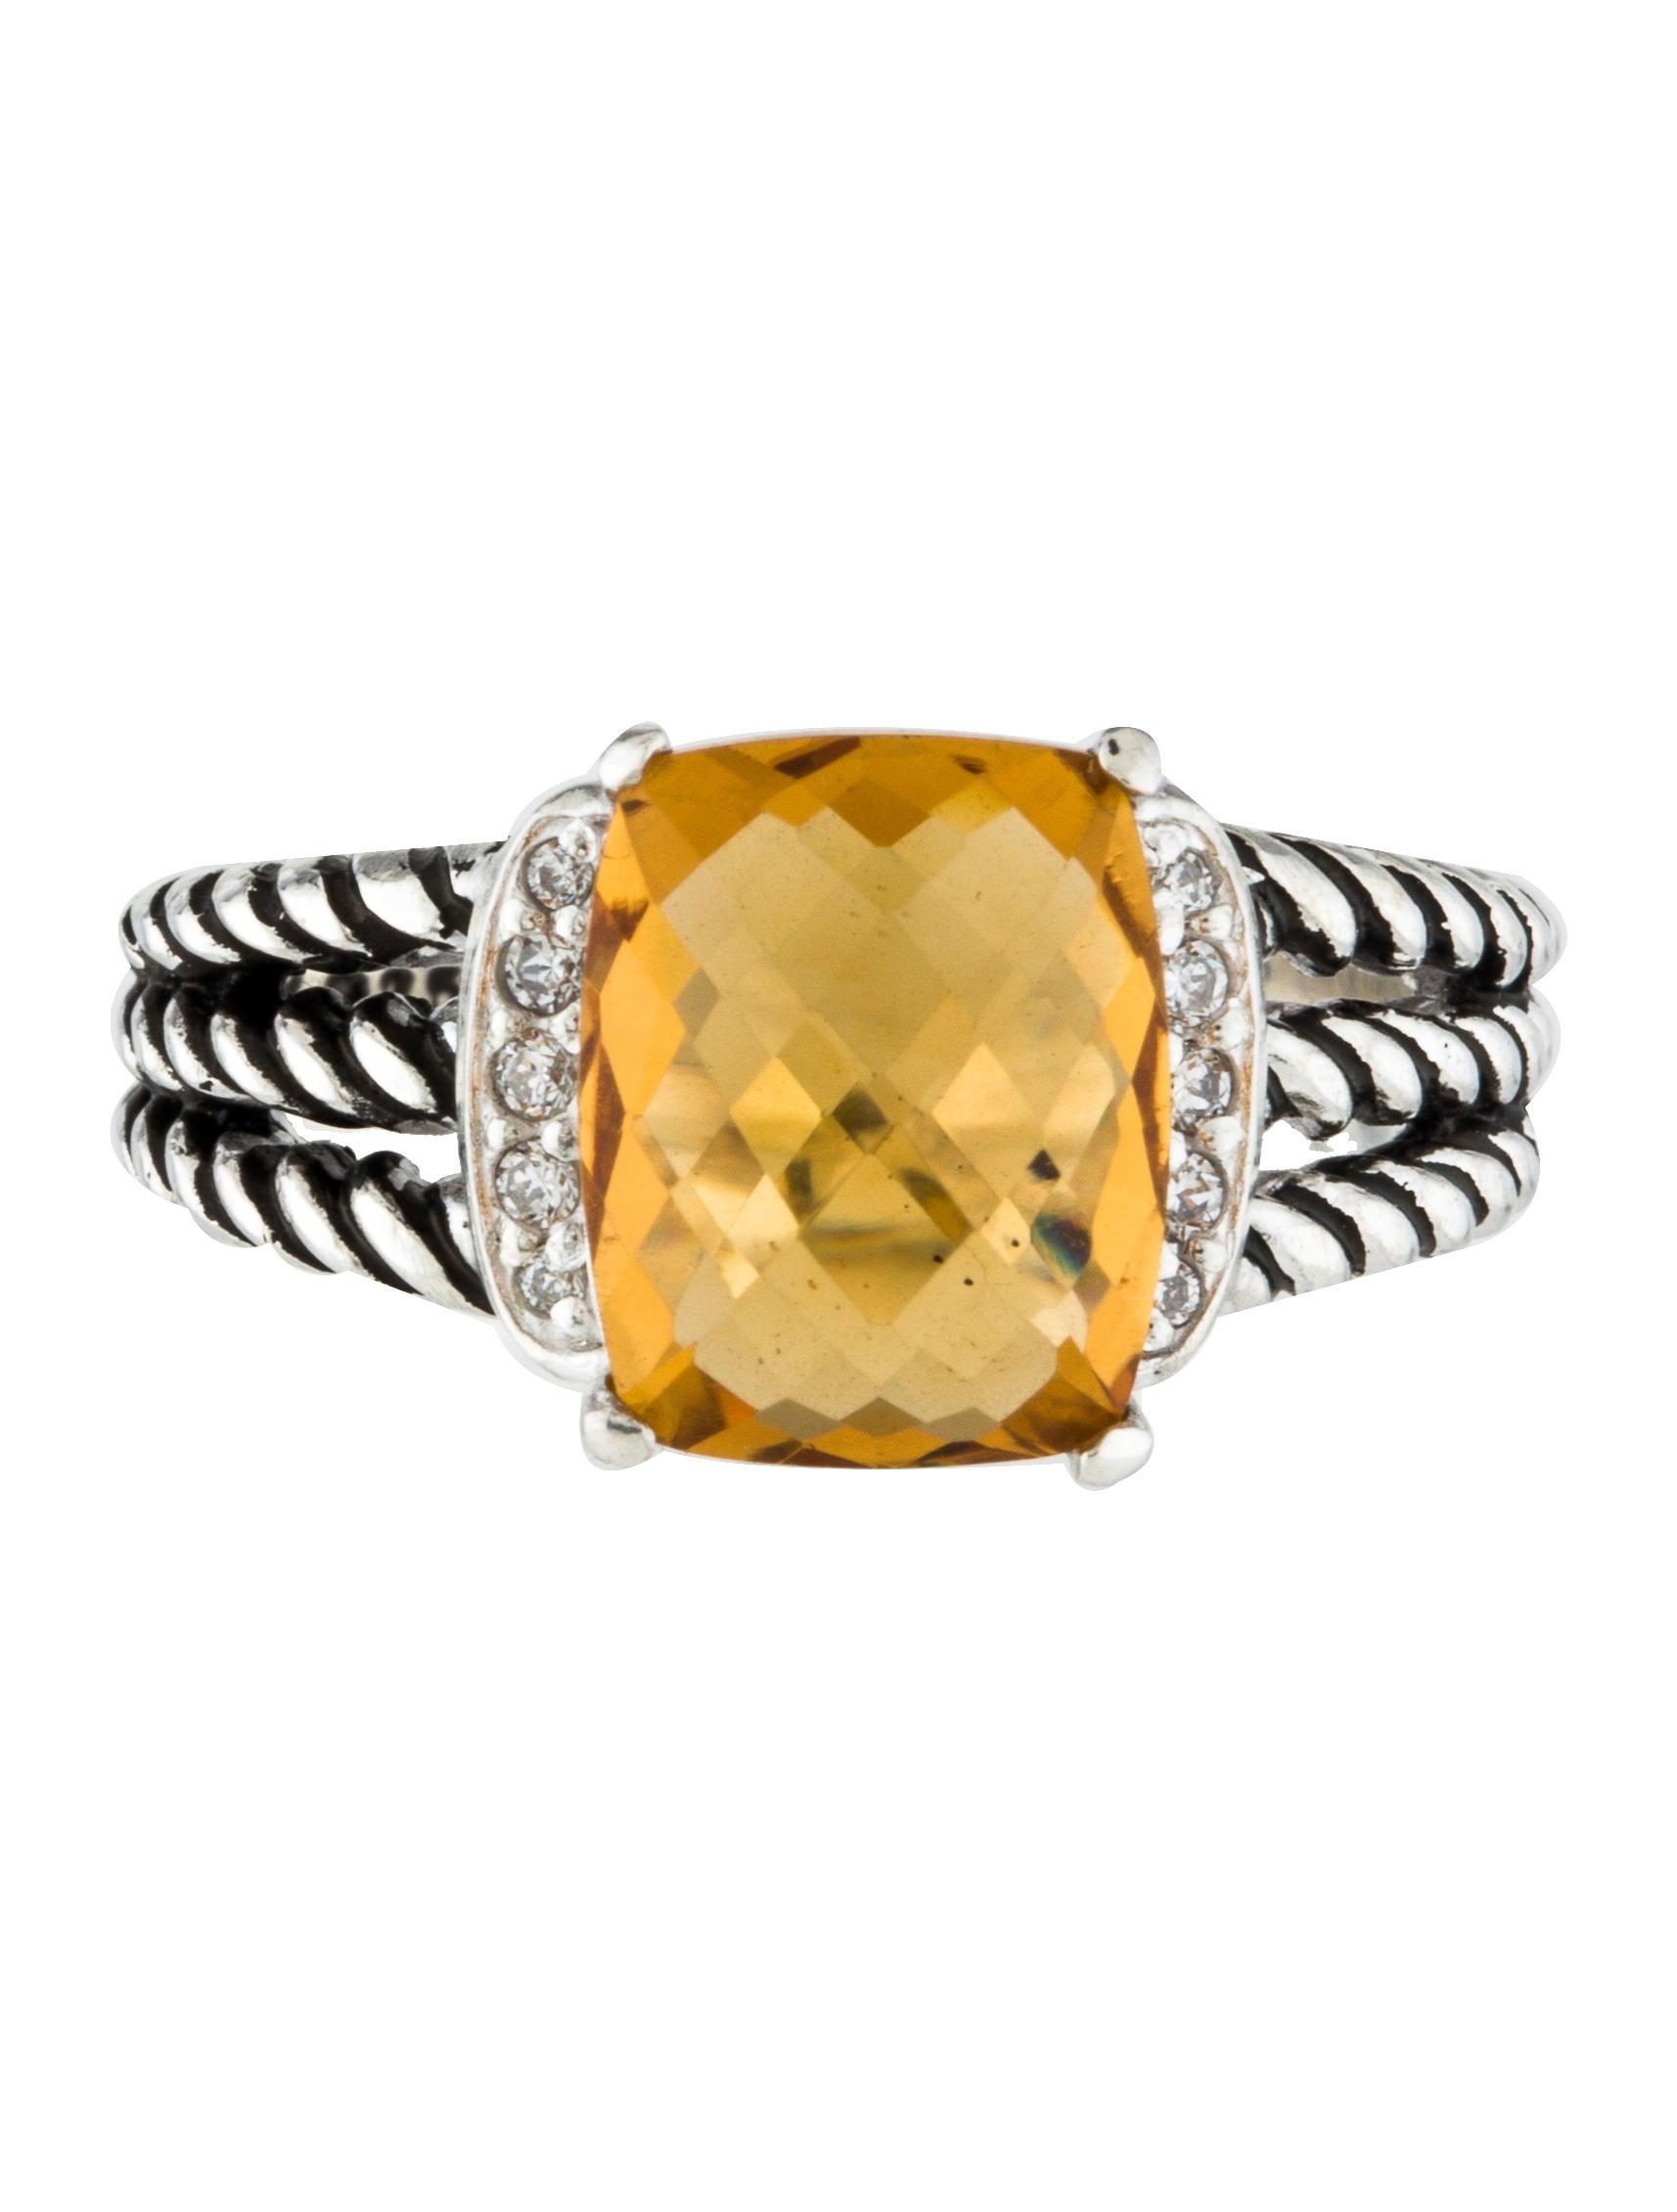 David Yurman Wheaton Diamond Ring